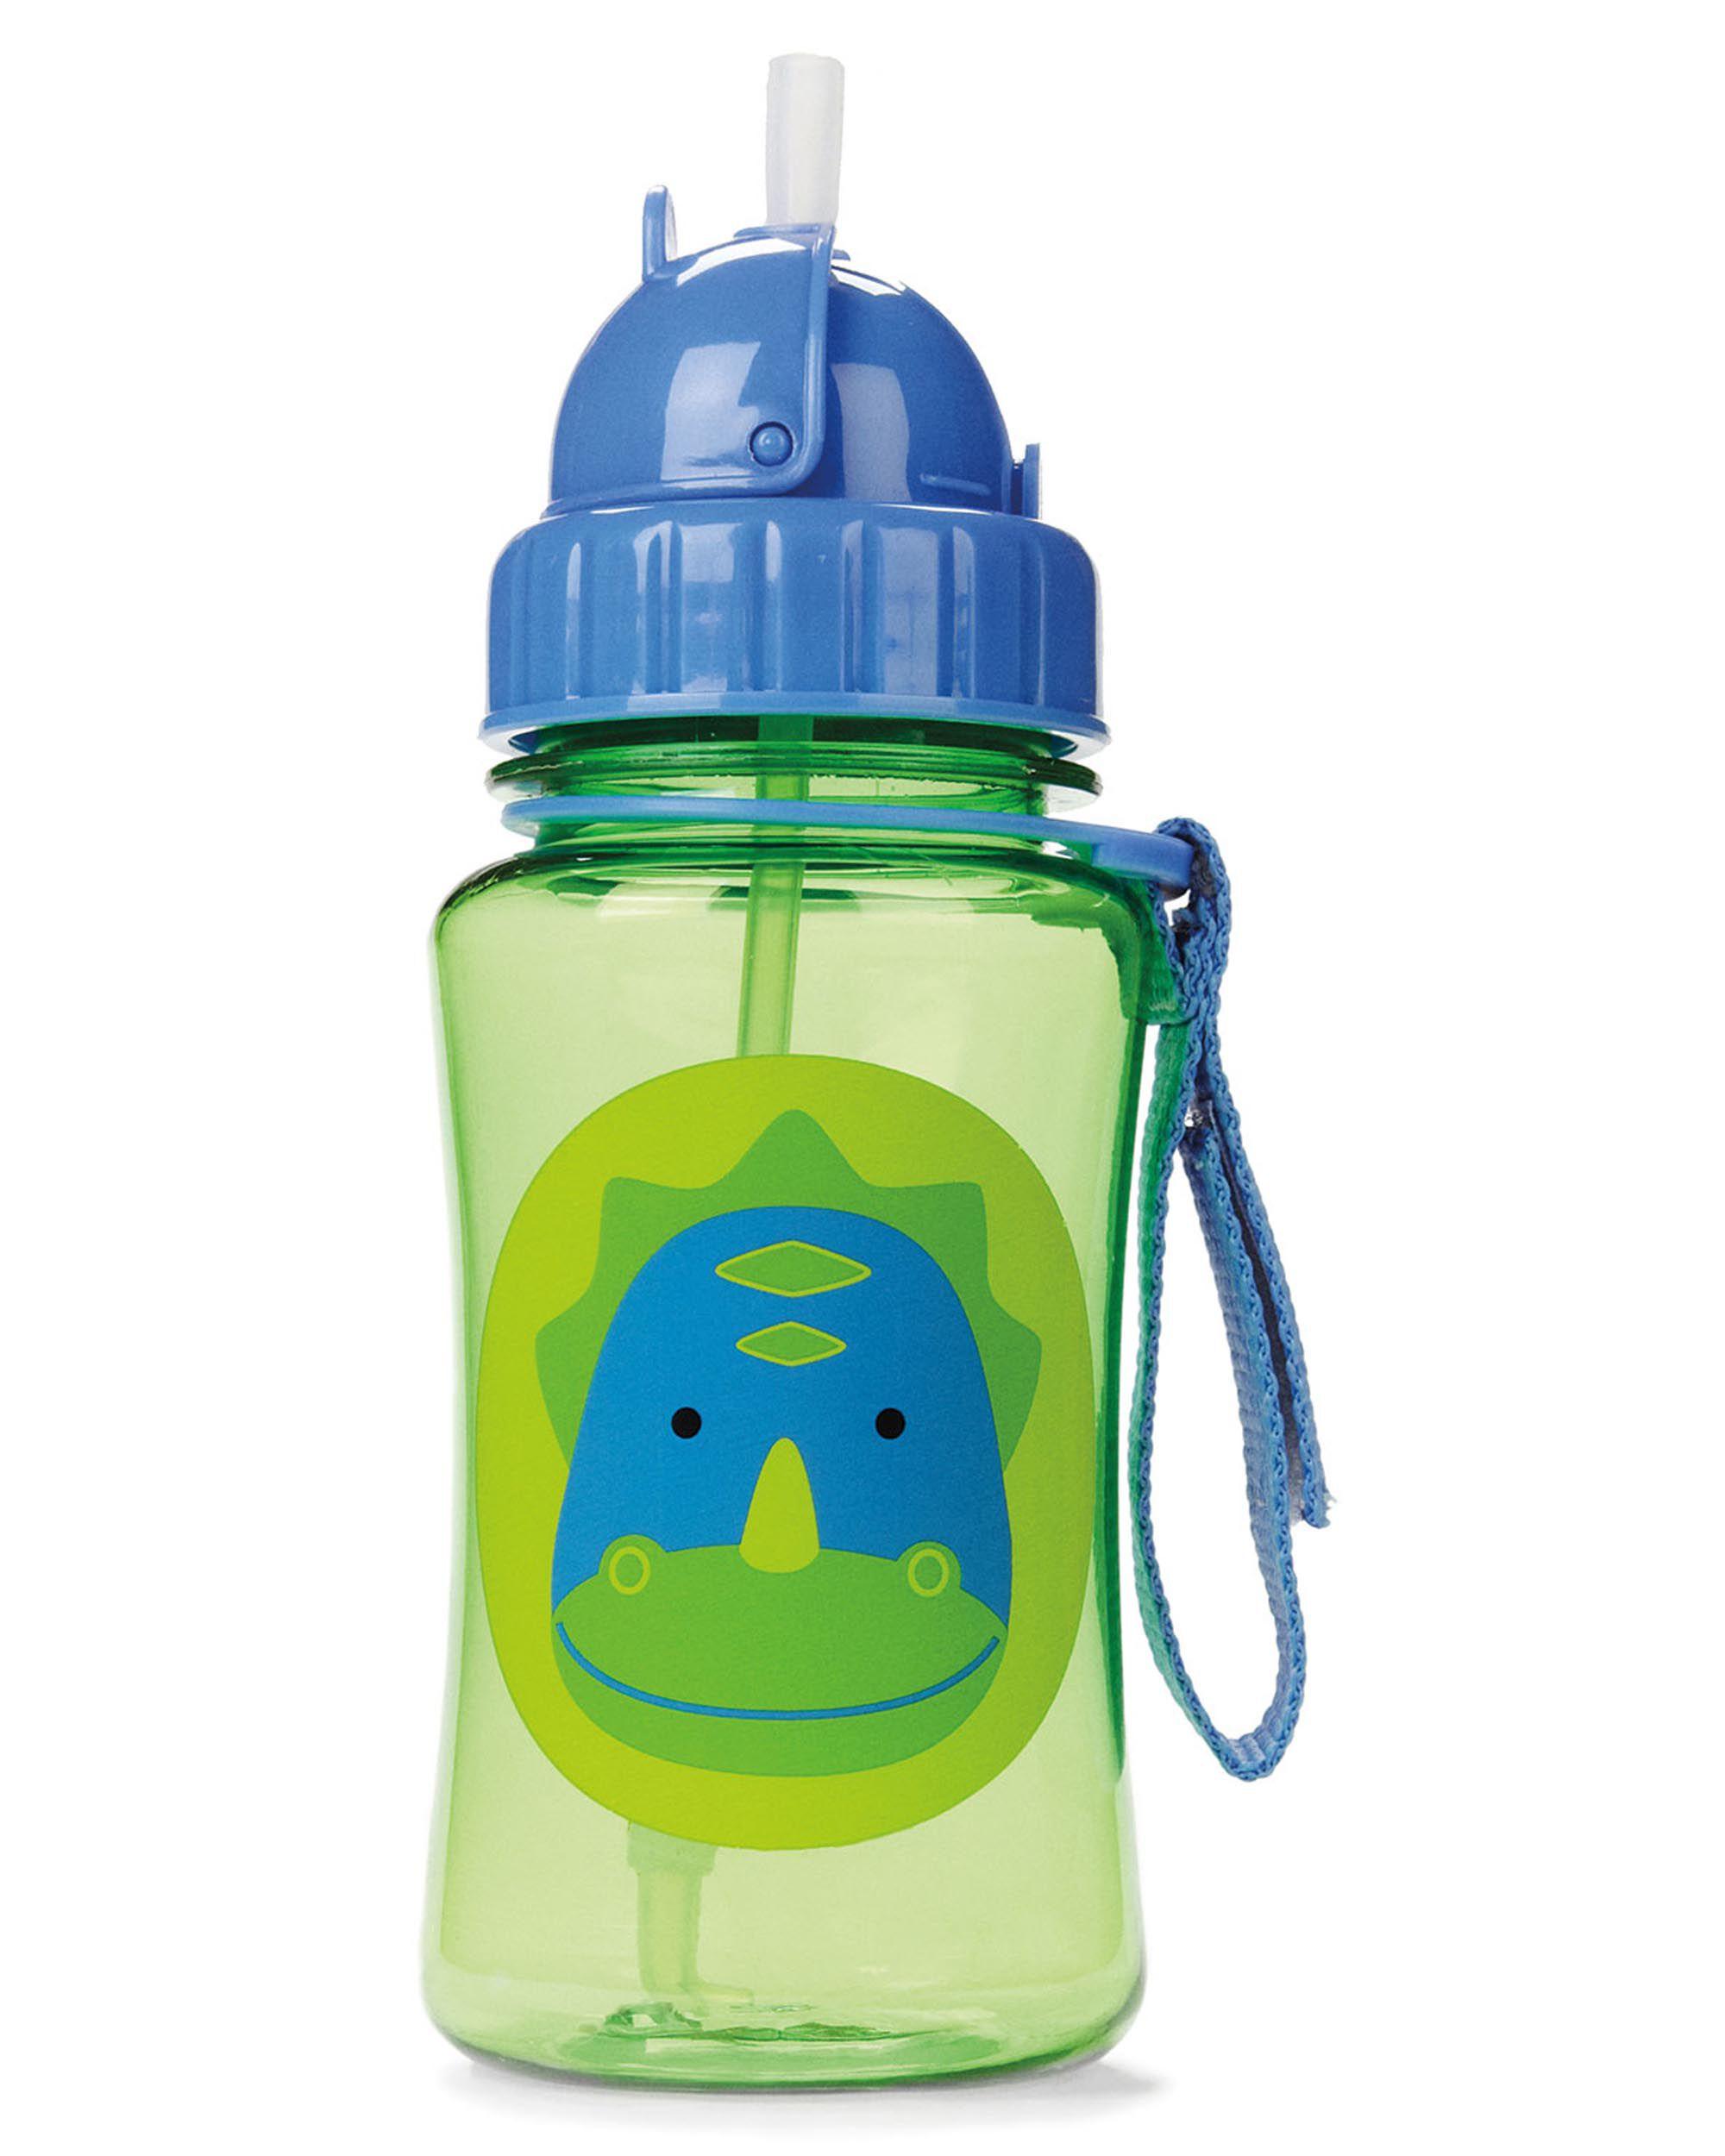 Unicorn Kids Straw Drinking Bottle Skip Hop Zoo Straw Bottle Sippy Cups & Mugs